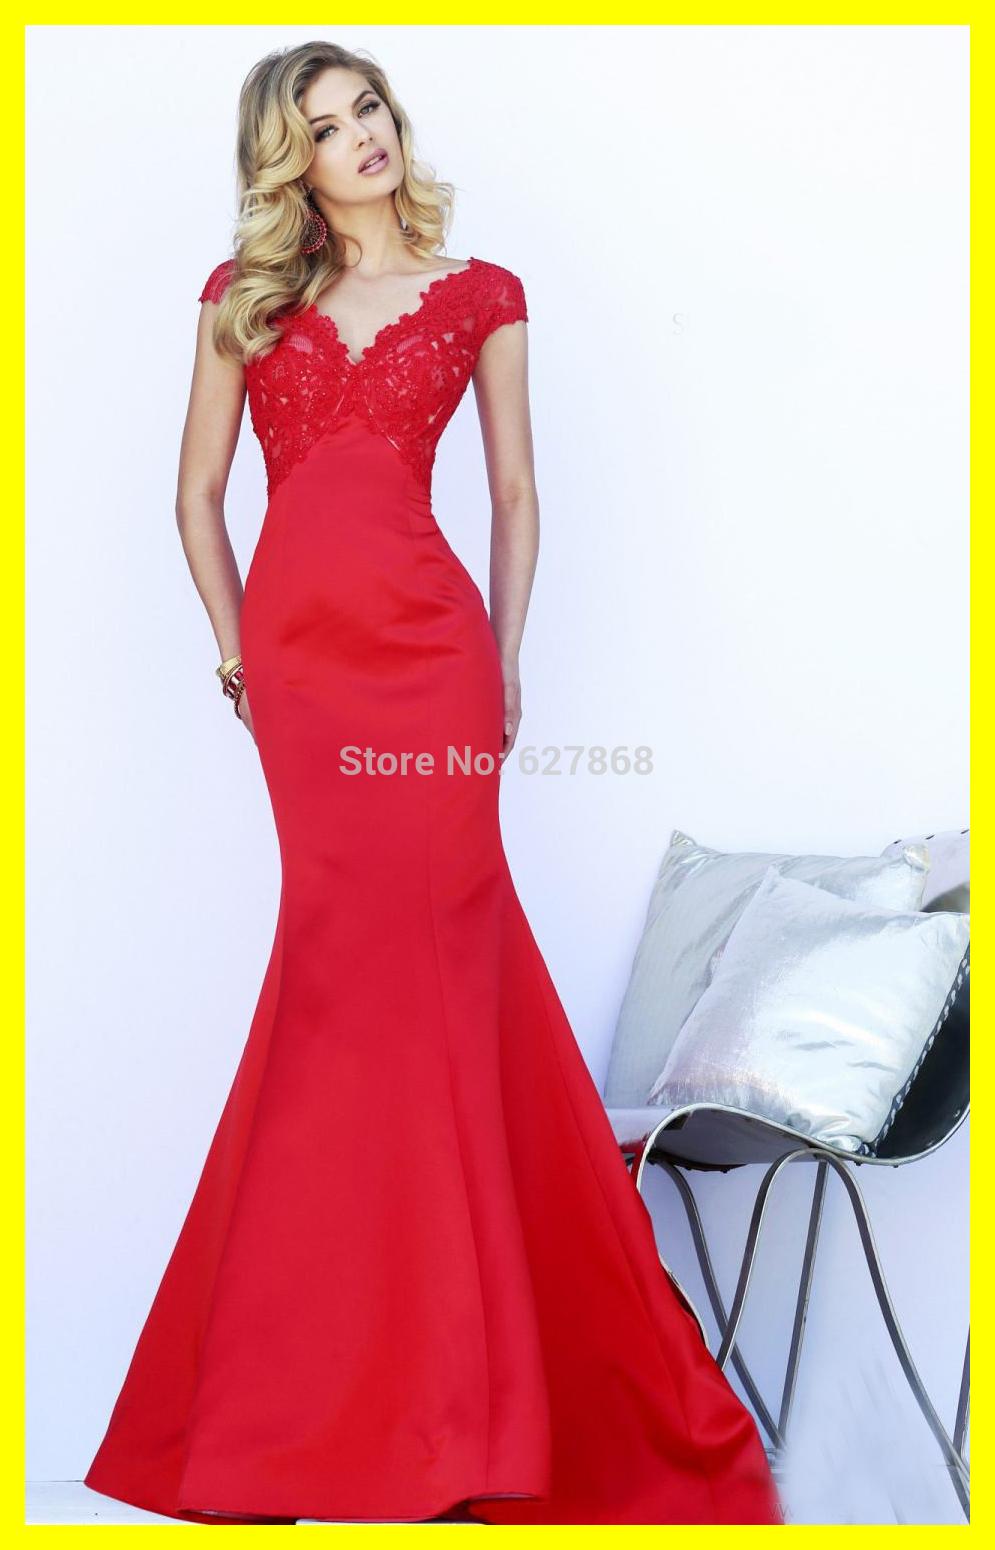 Designer Wedding Dresses Uk Outlet